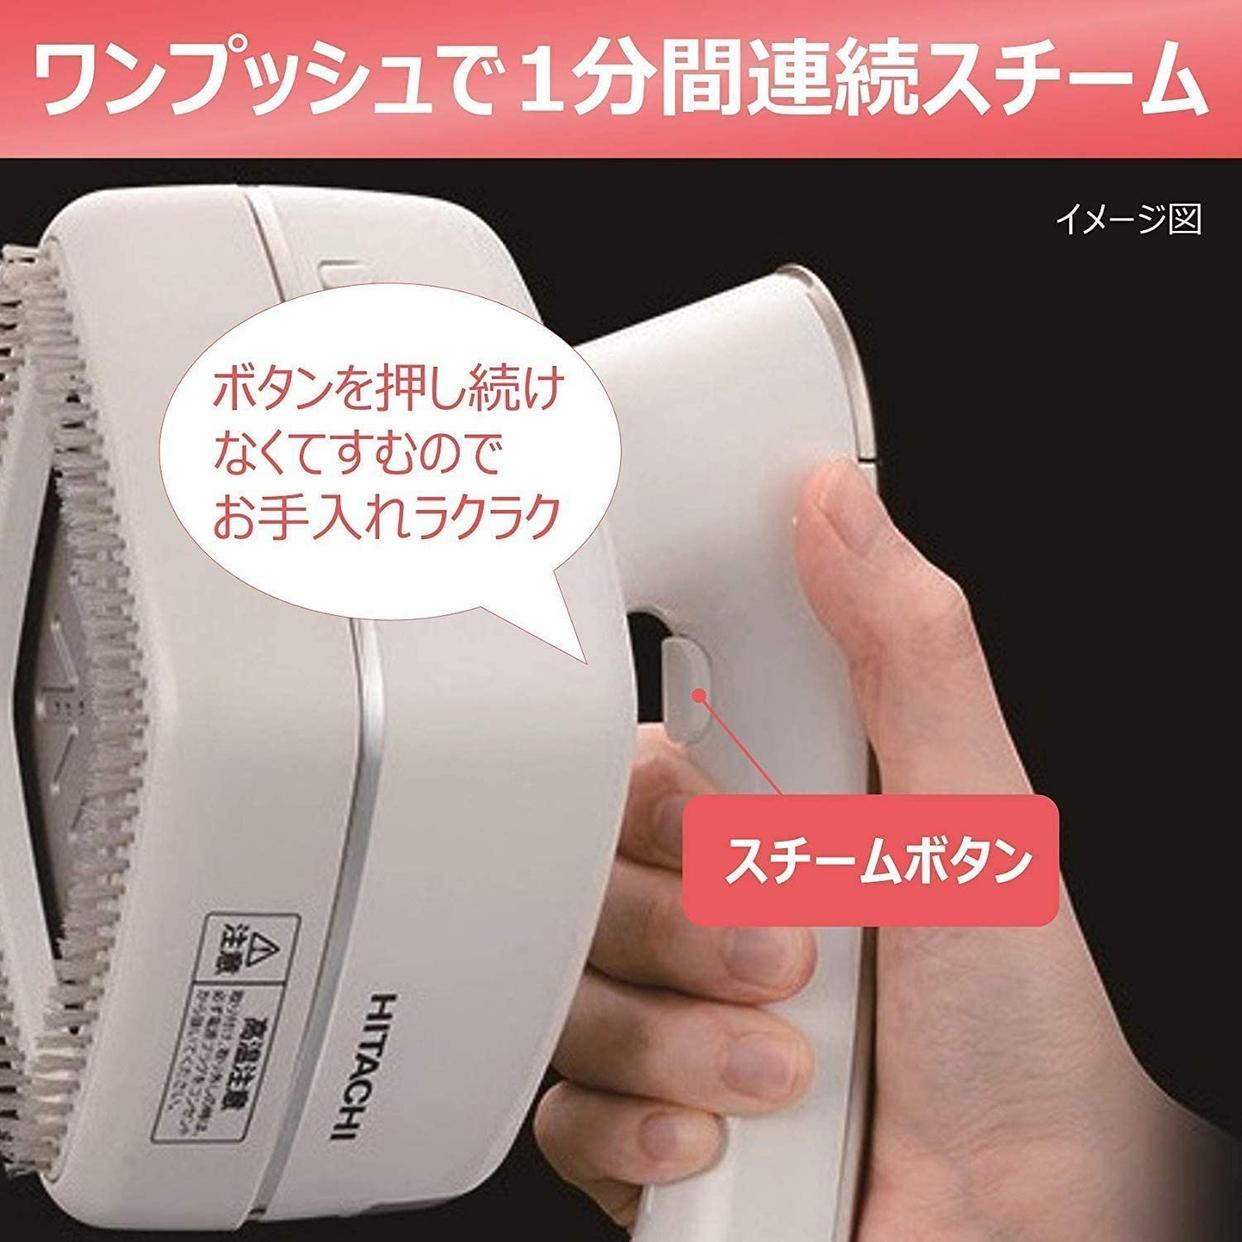 日立(HITACHI) 衣類スチーマー CSI-RX2の商品画像5